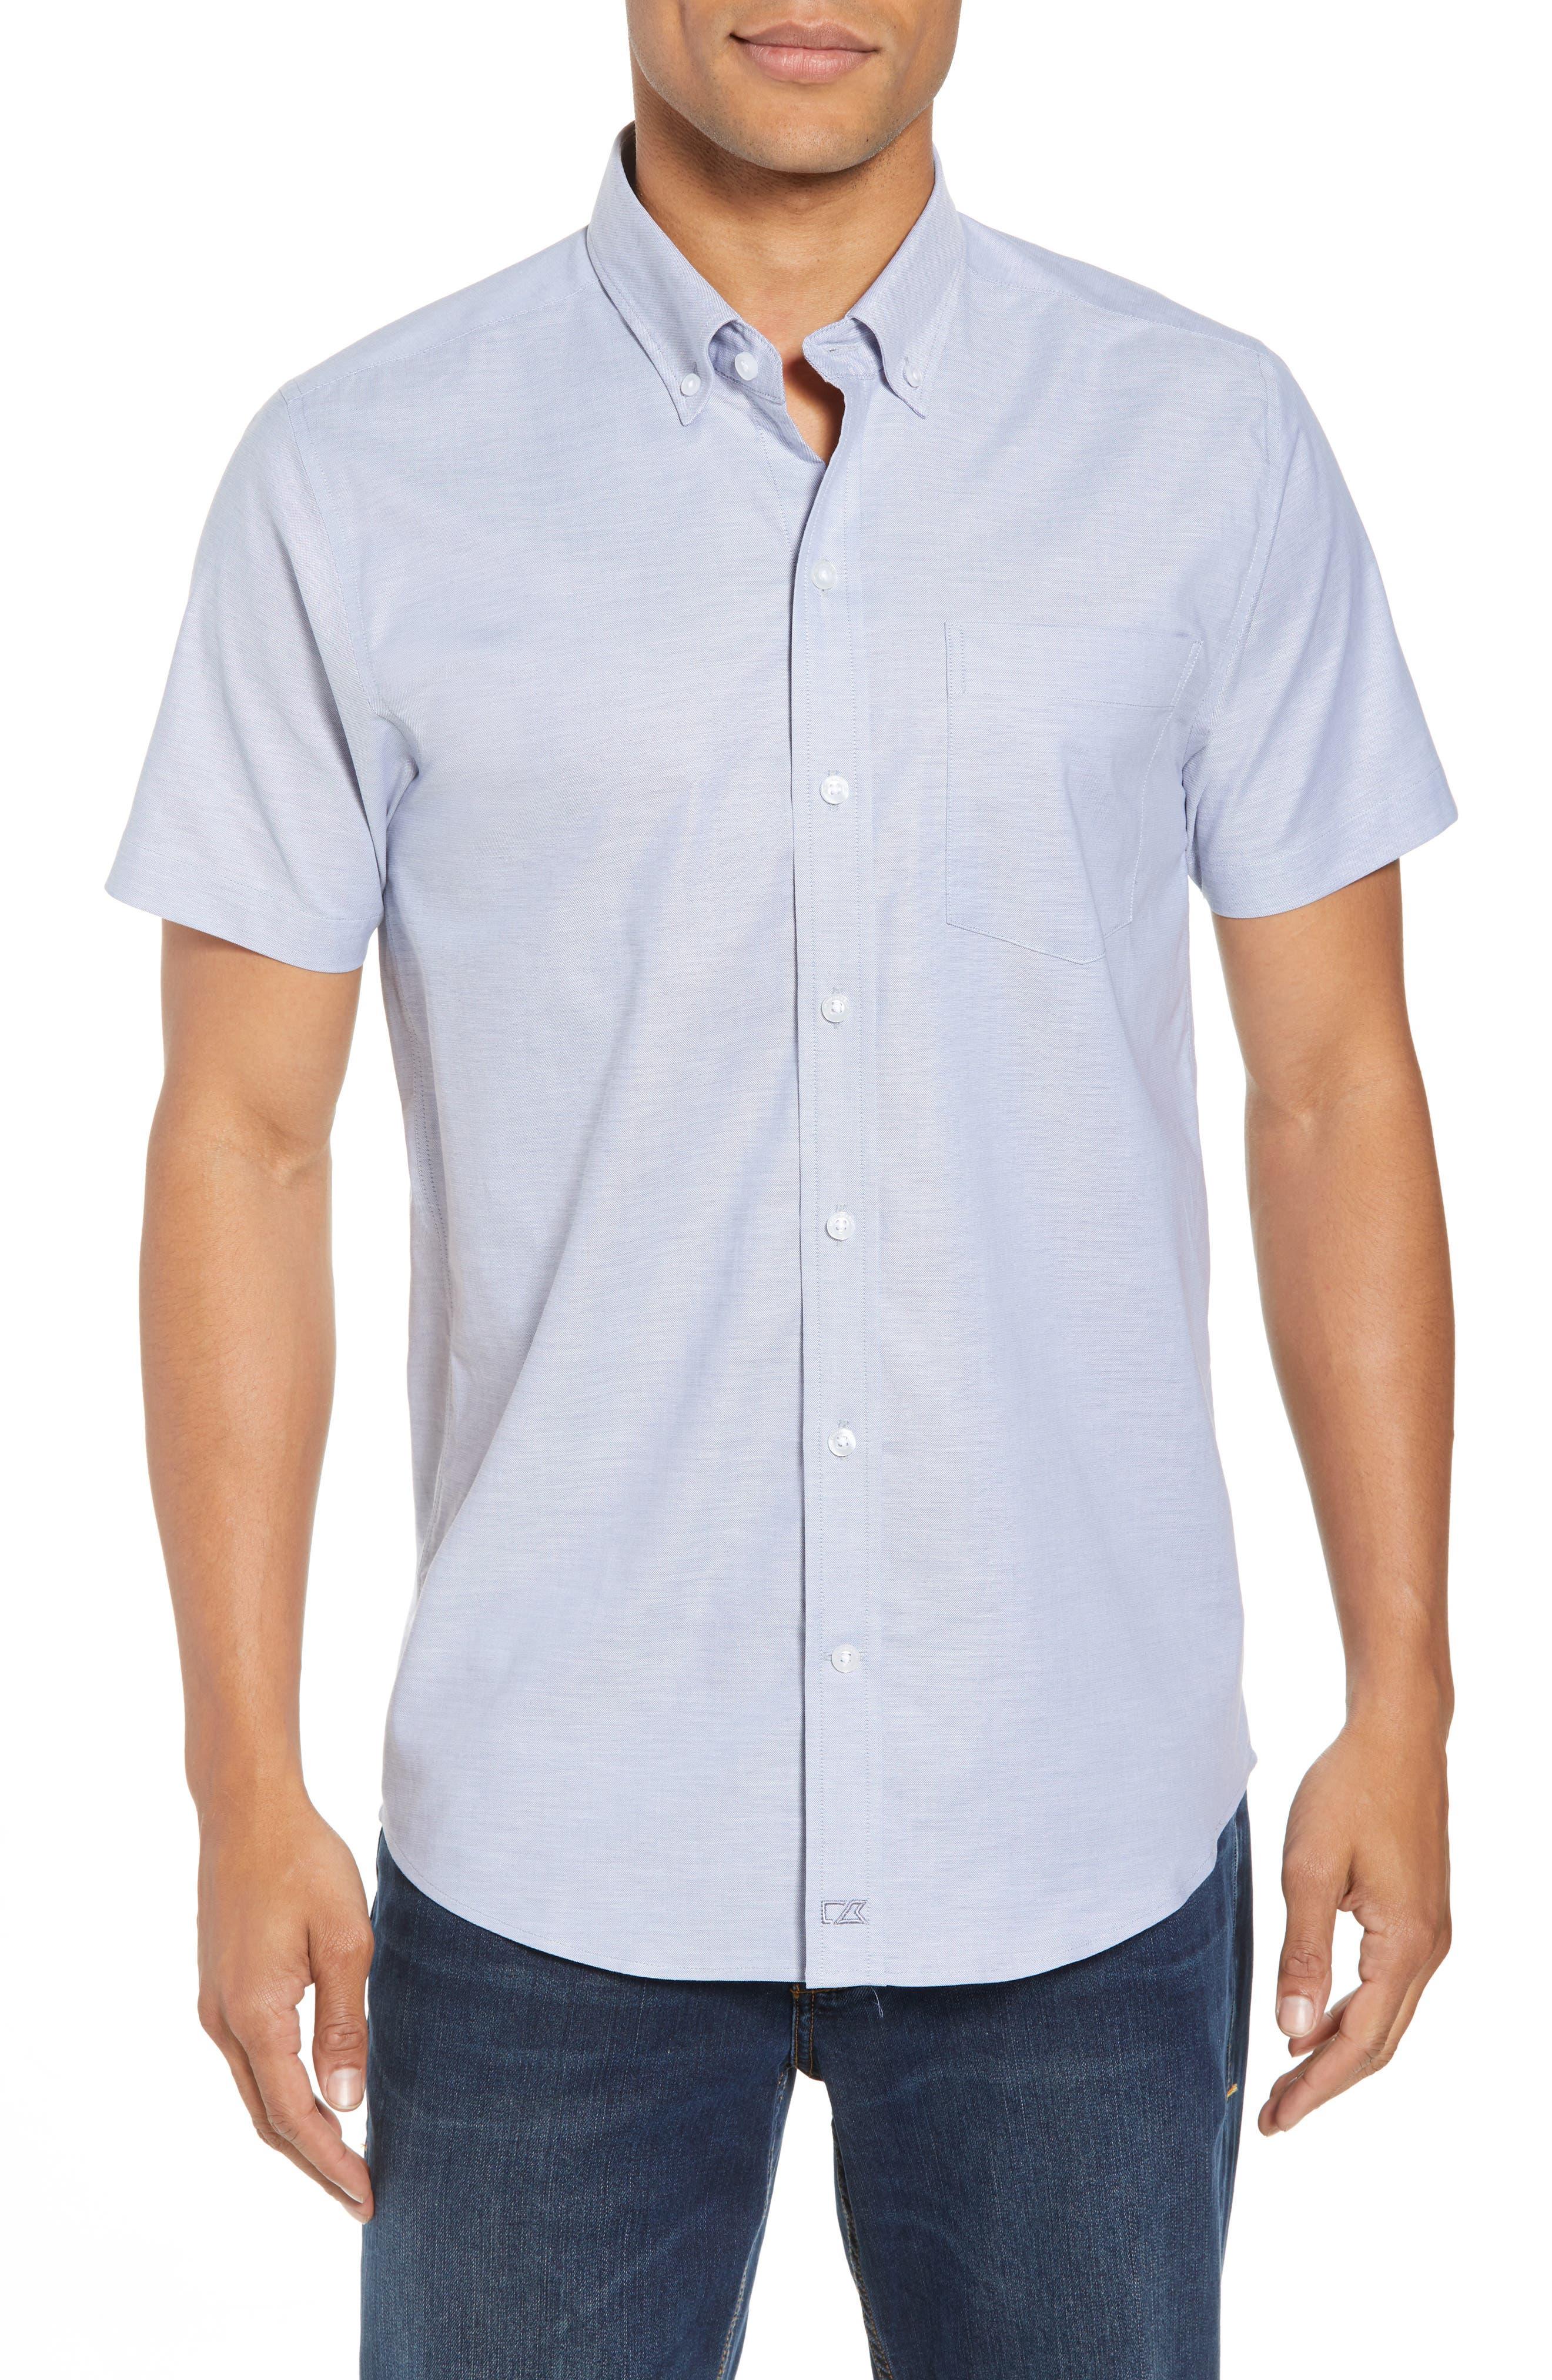 Cutter & Buck Tailor Regular Fit Oxford Sport Shirt, Blue